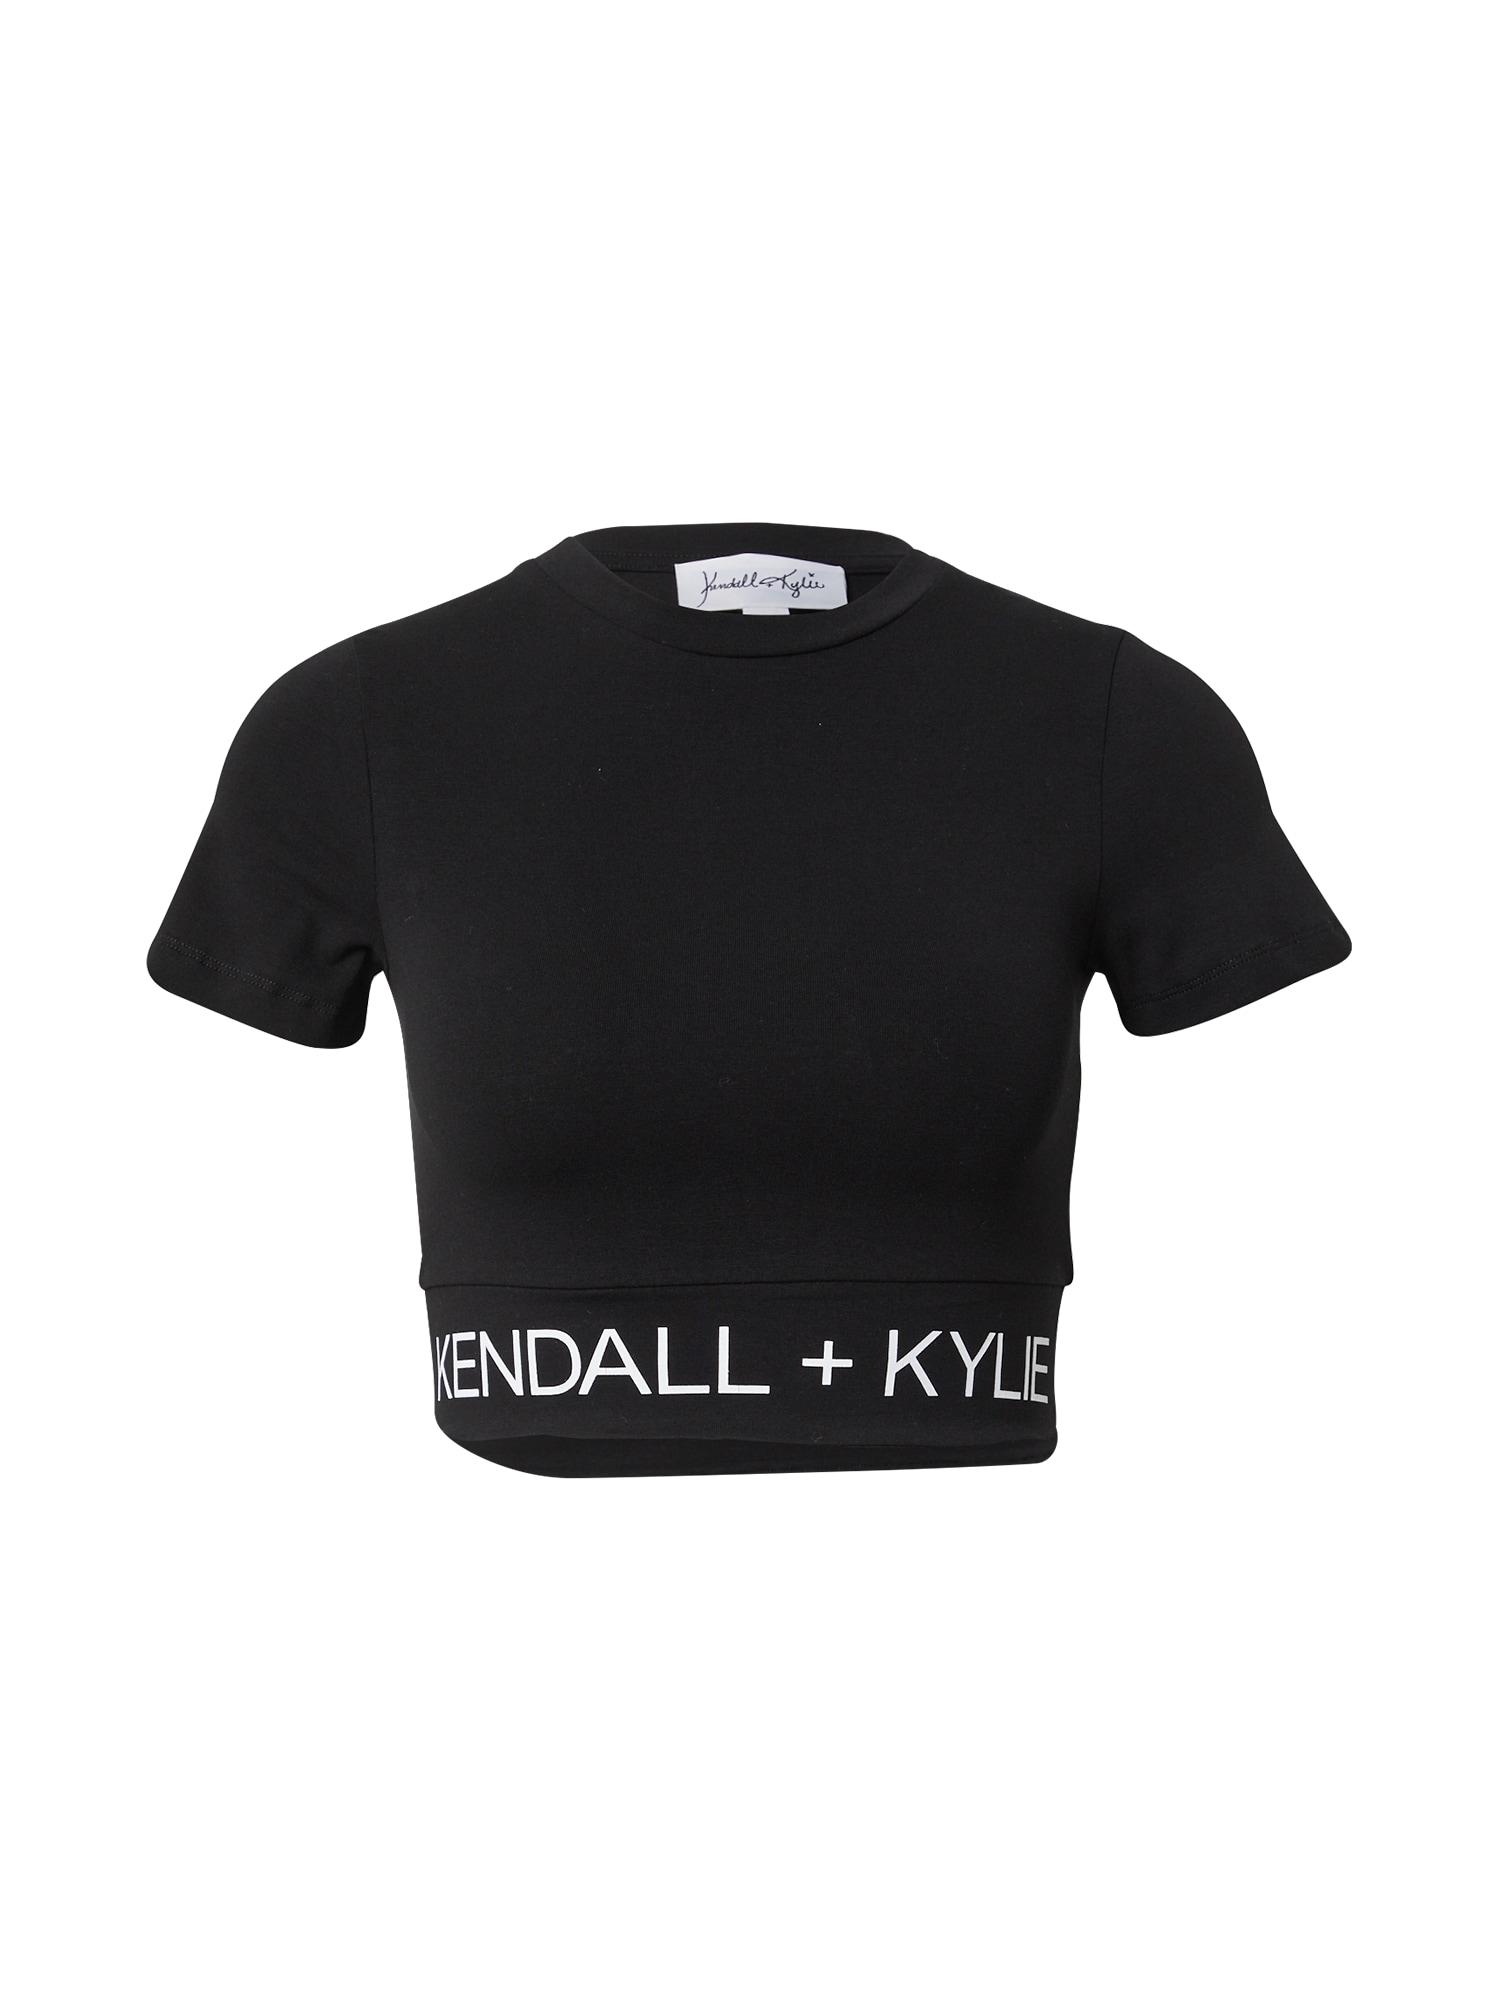 KENDALL + KYLIE Marškinėliai juoda / balta